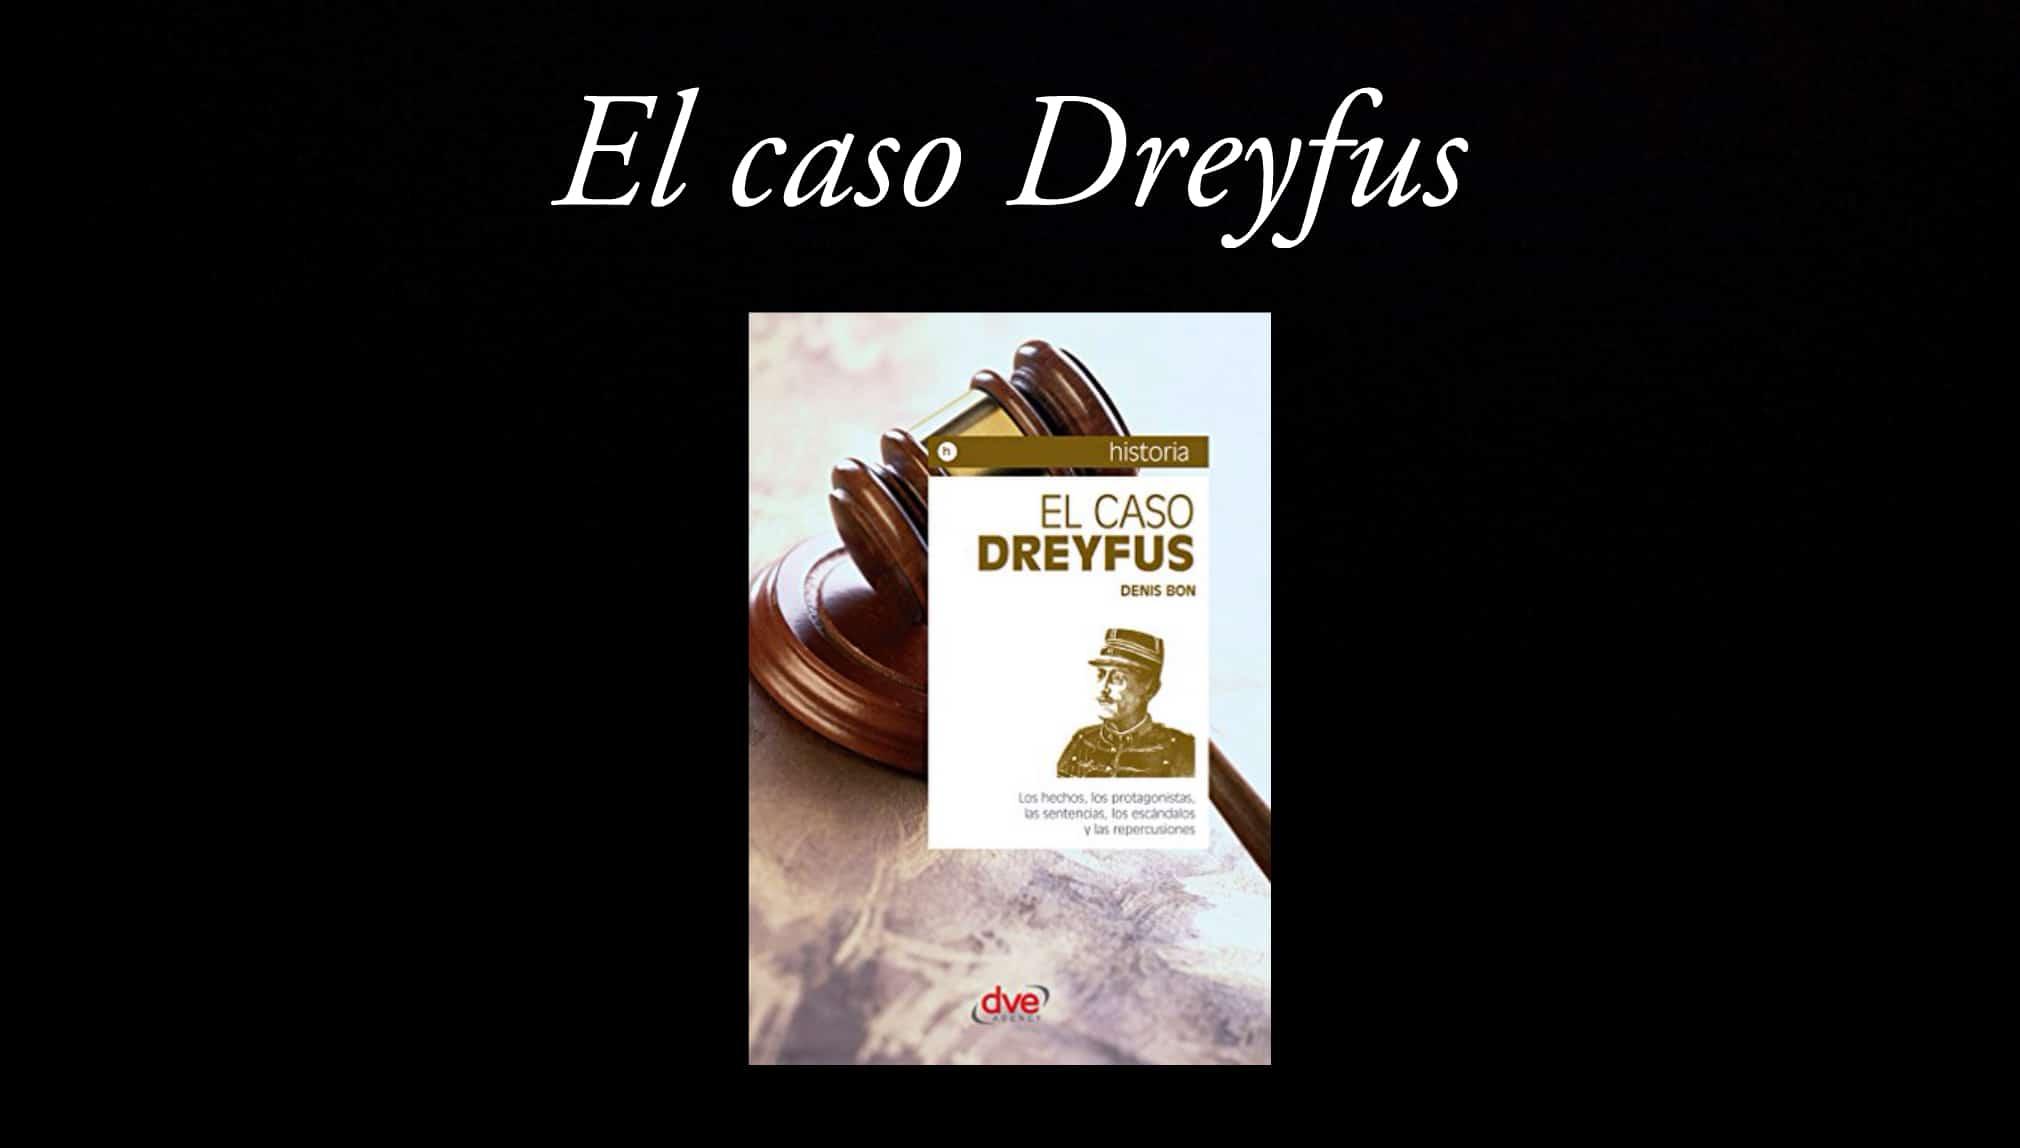 El caso Dreyfus por Denis Bon.